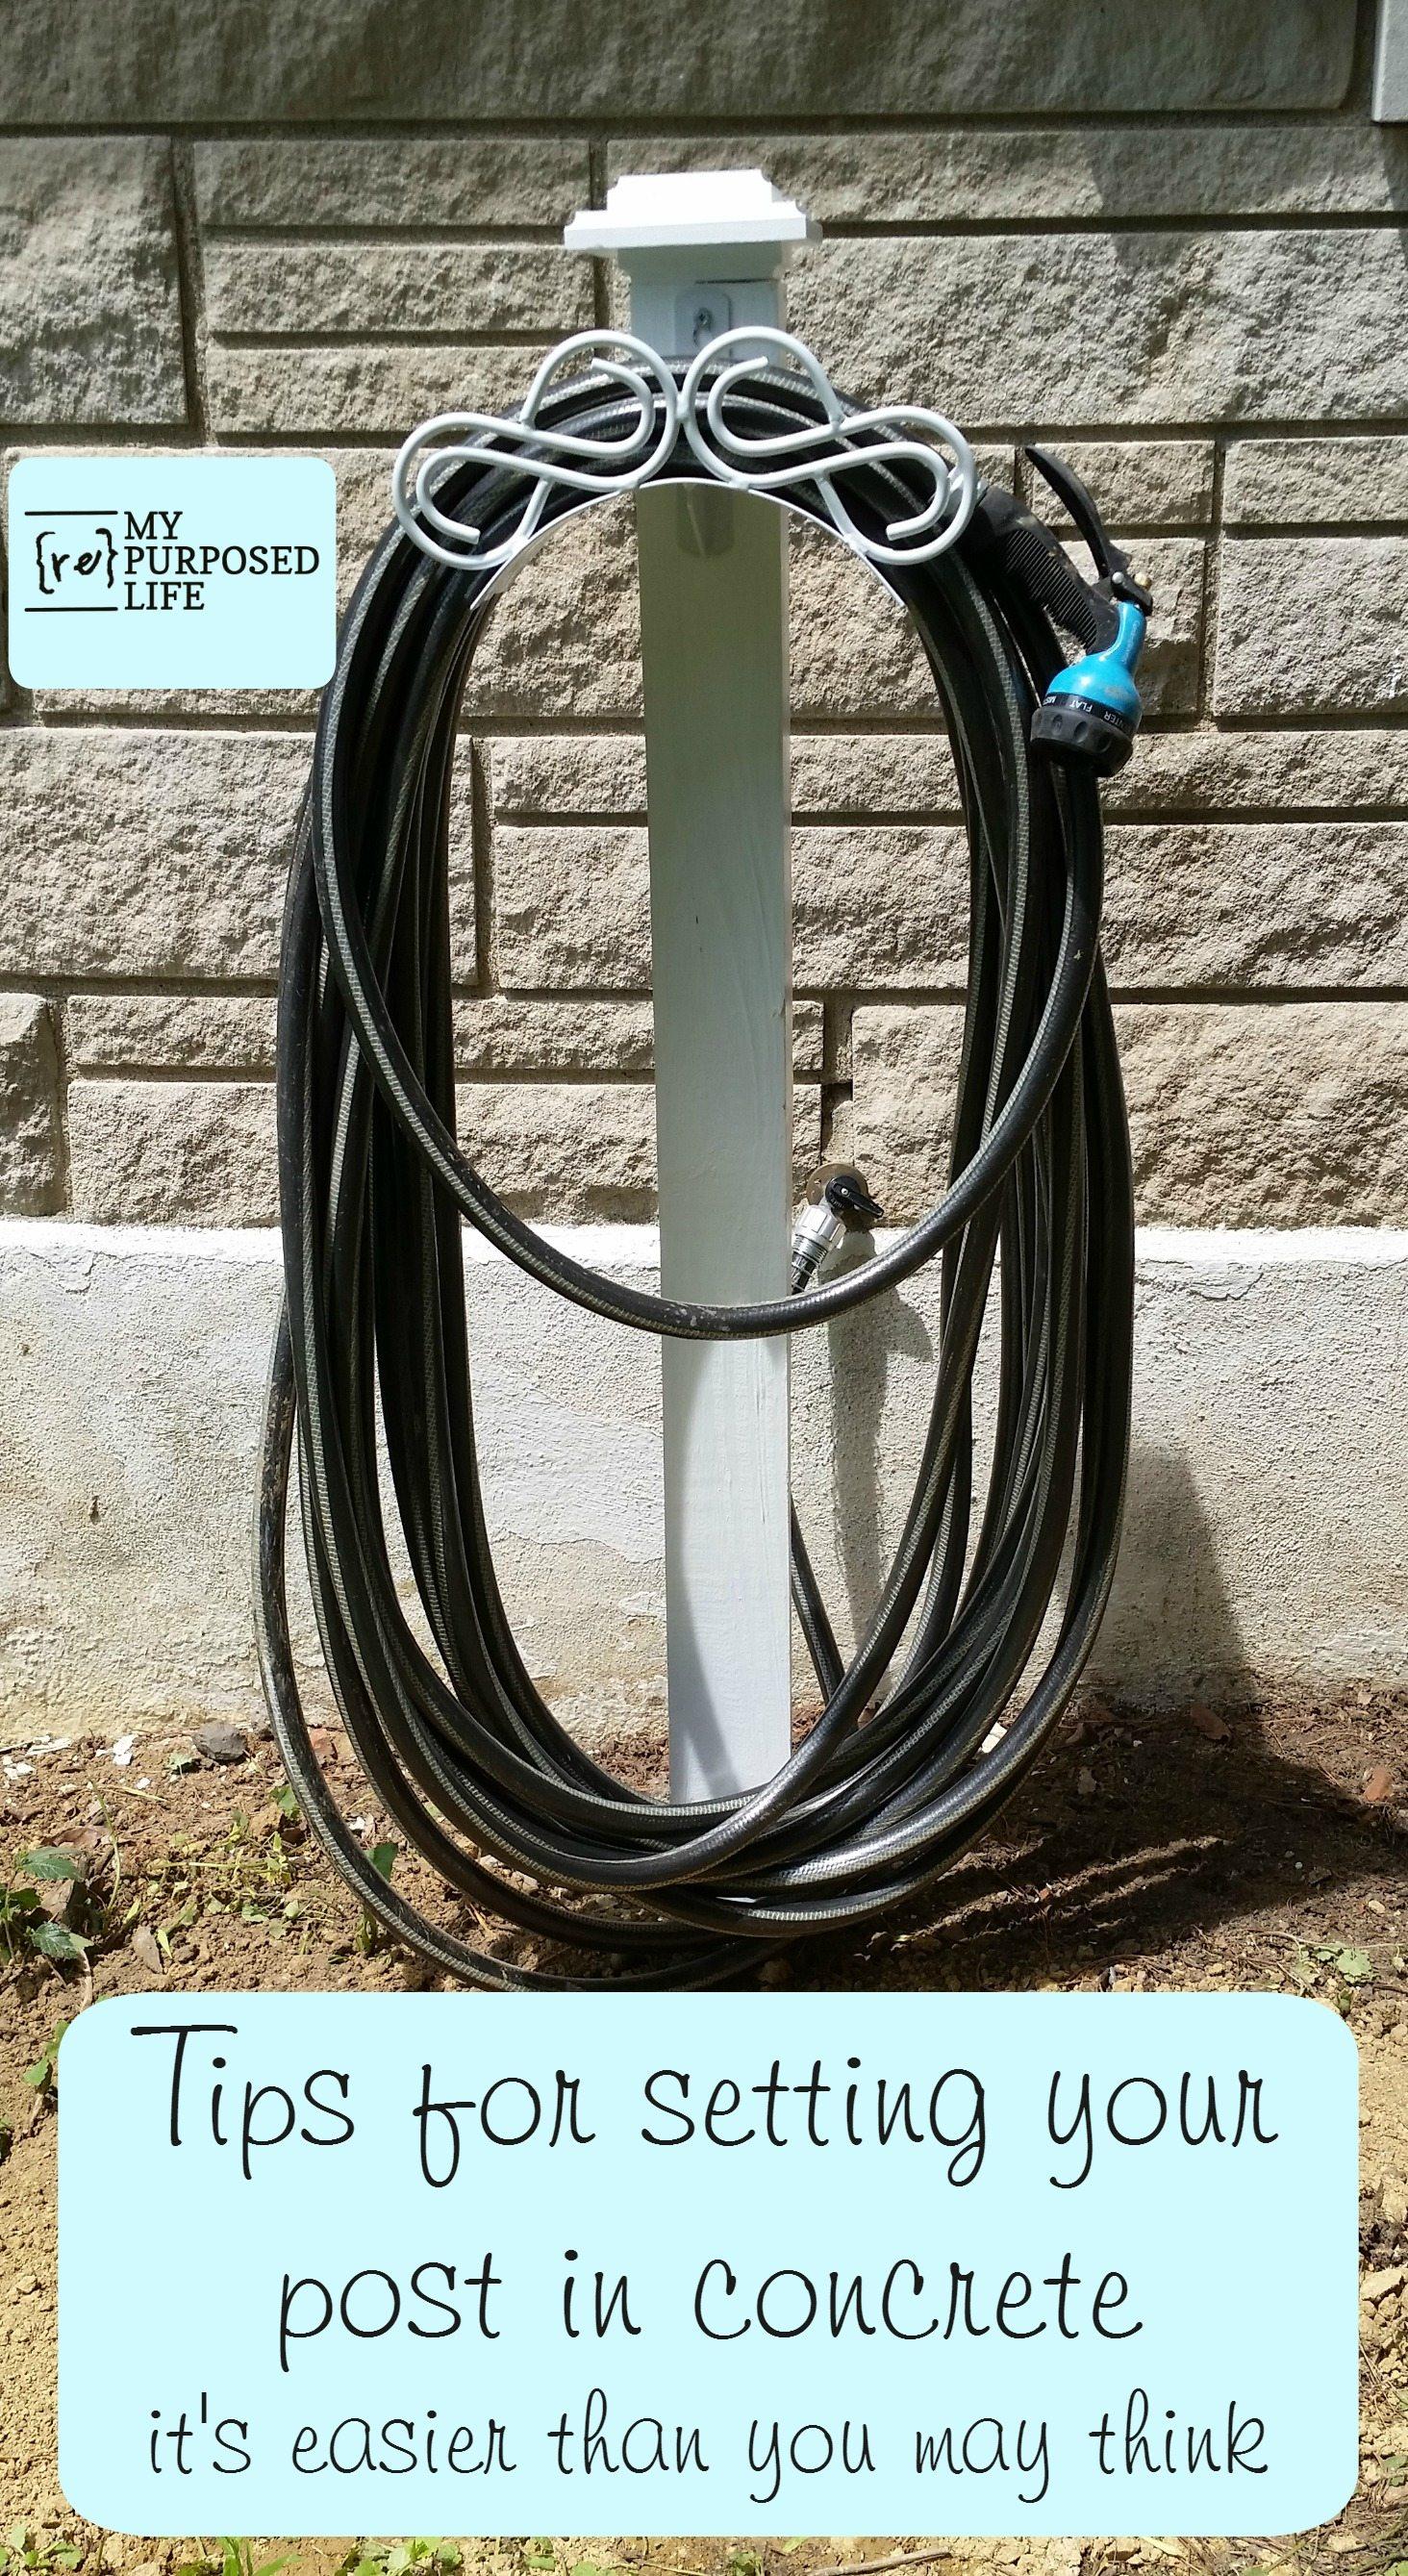 easy diy hose hanger 4x4 post MyRepurposedLife.com